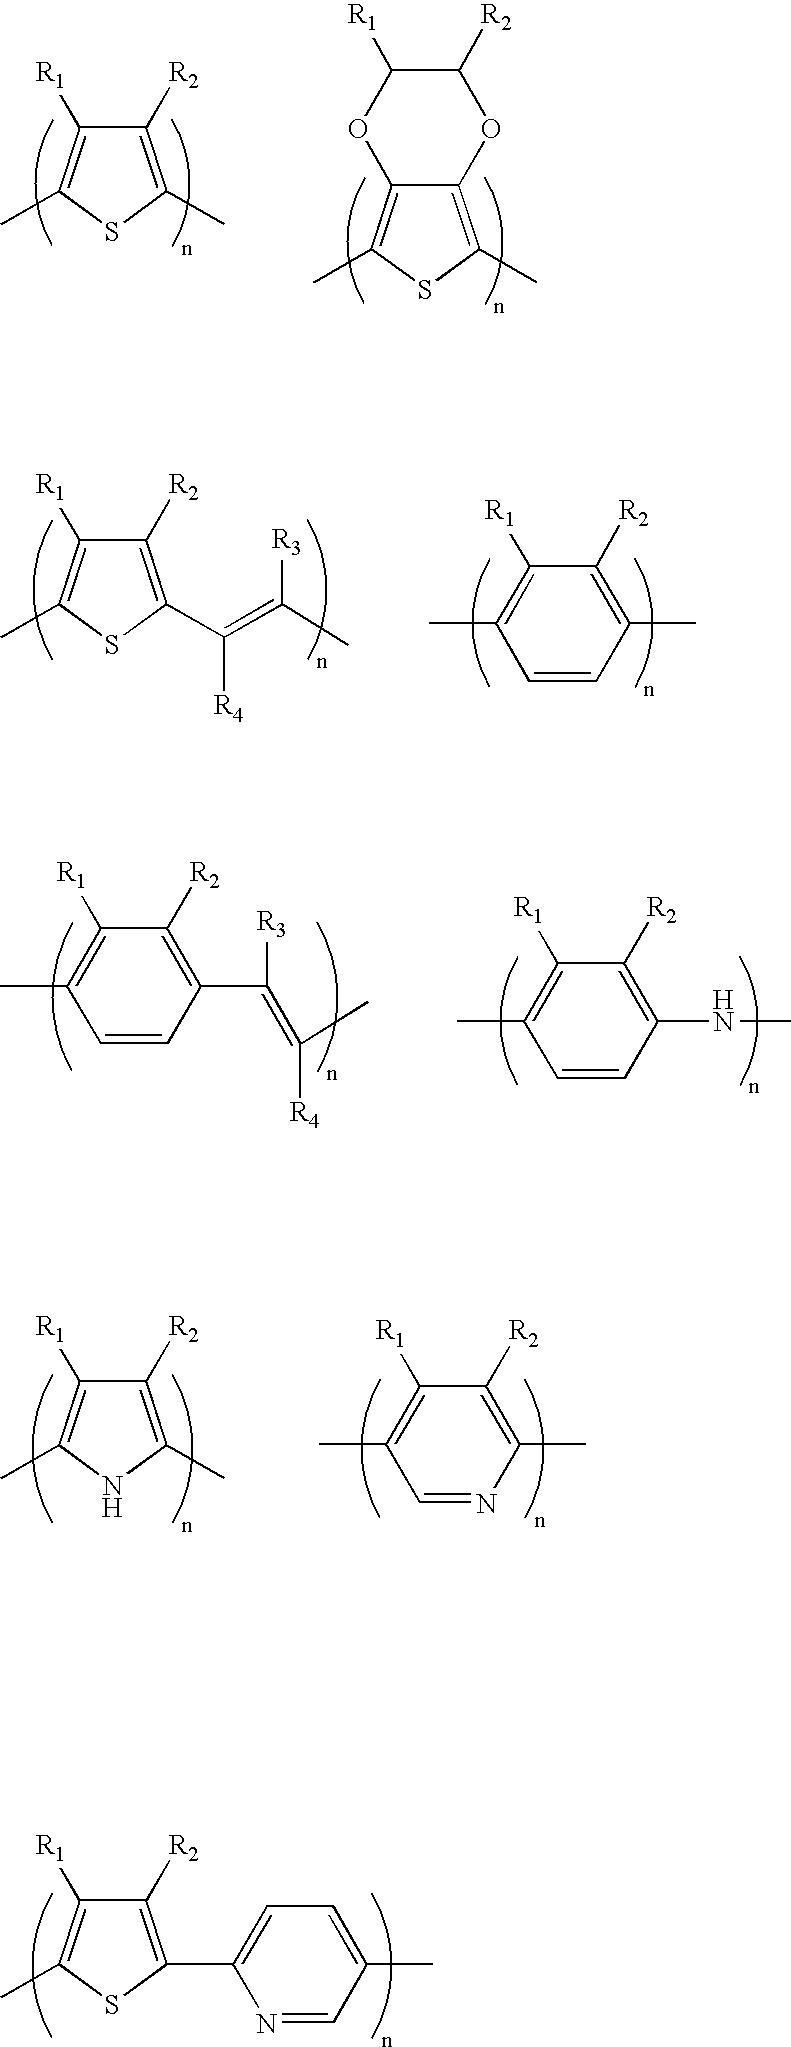 Figure US20070034860A1-20070215-C00001